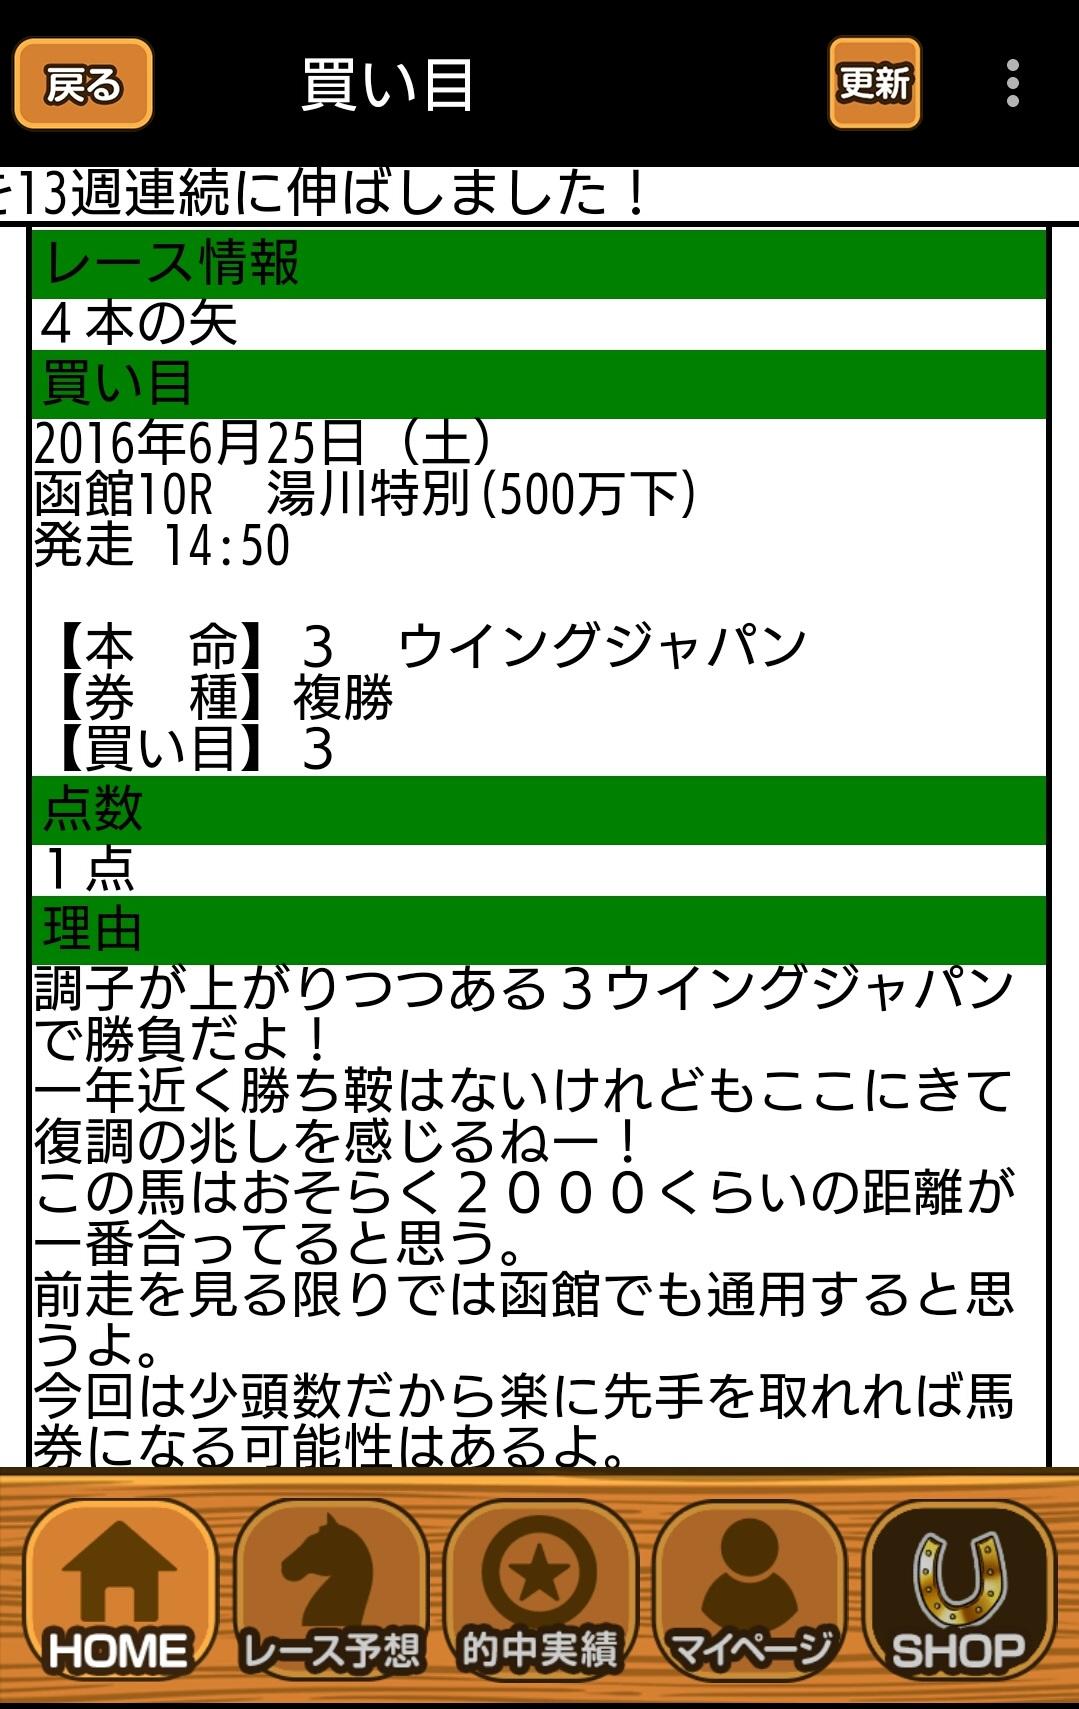 函館10R 無料情報